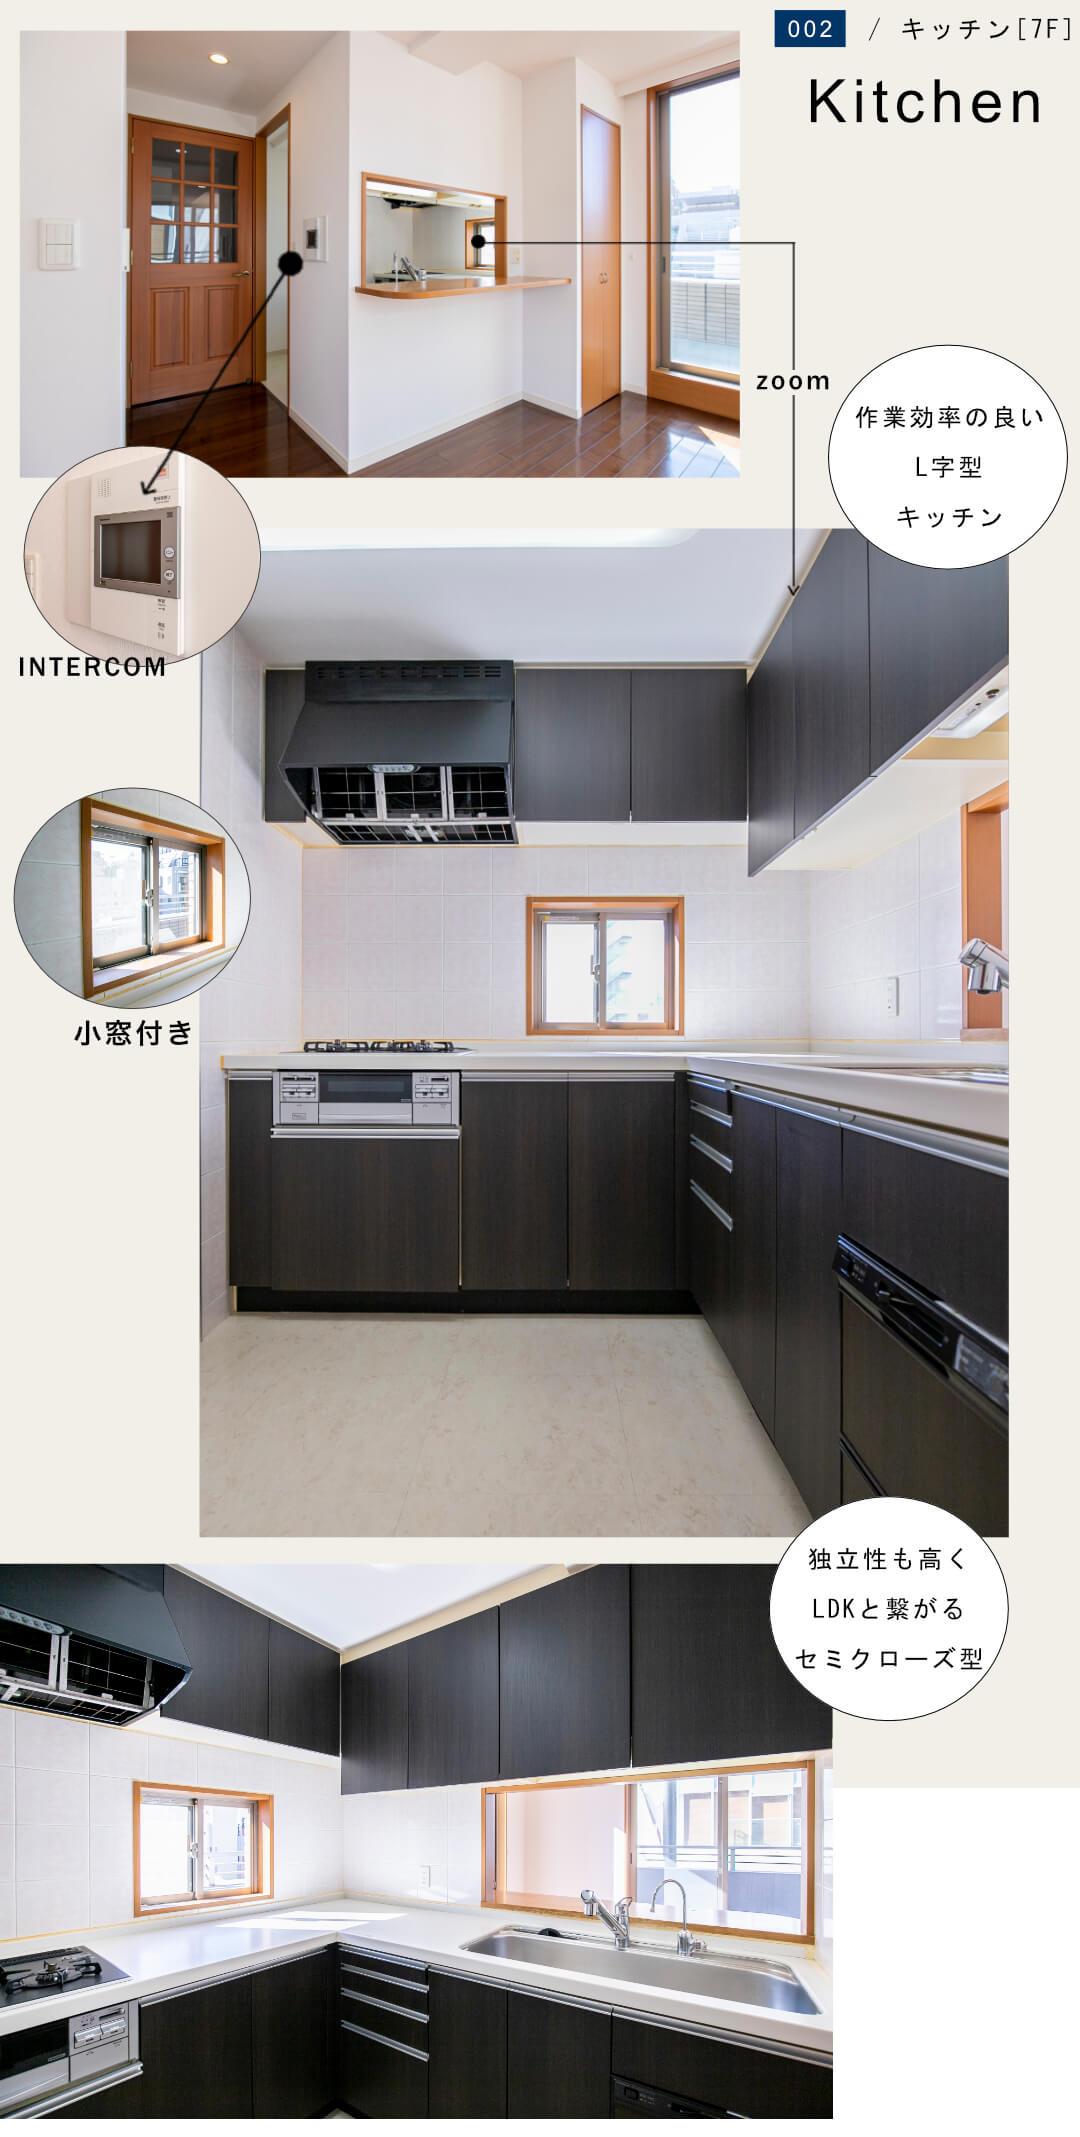 コスモ麻布十番のキッチン